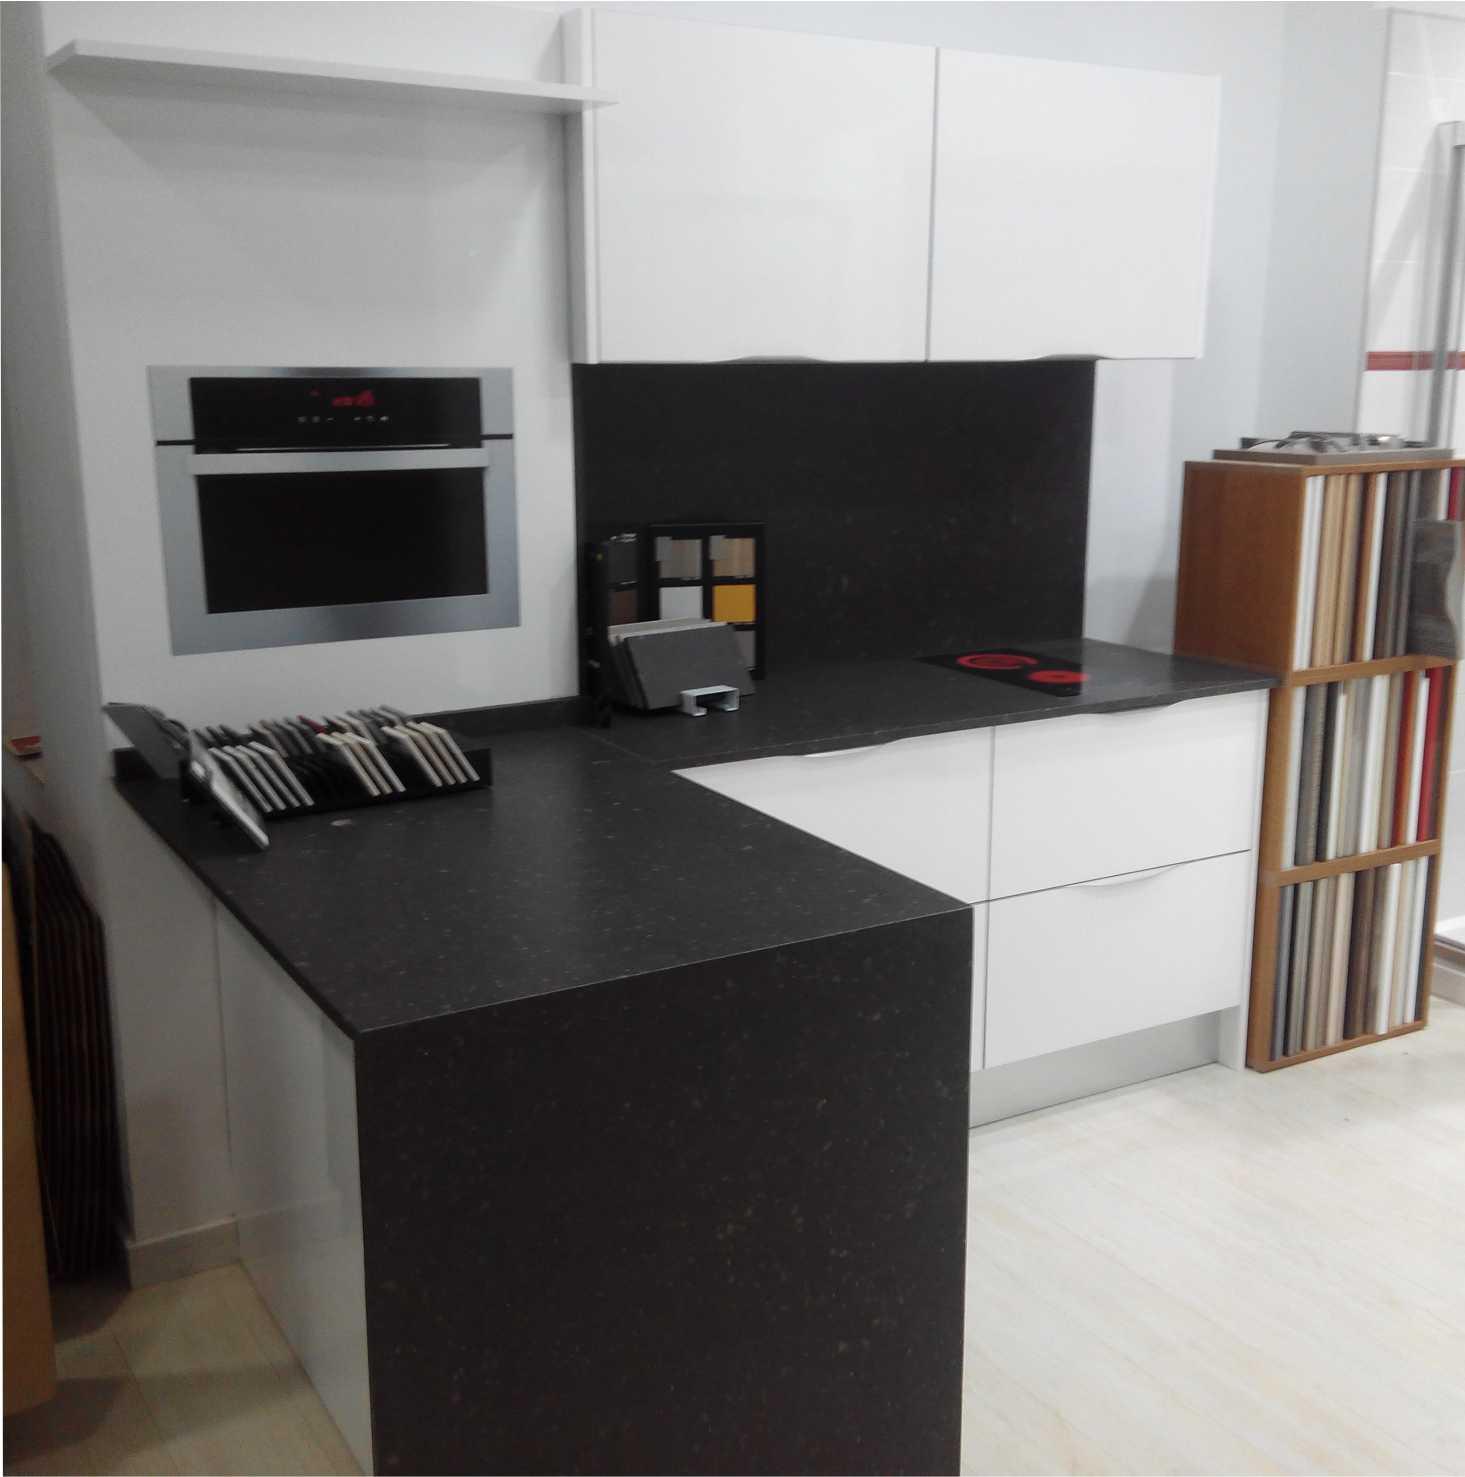 Nueva exposici n de muebles de cocina en valencia totducha - Muebles de cocina en valencia ...